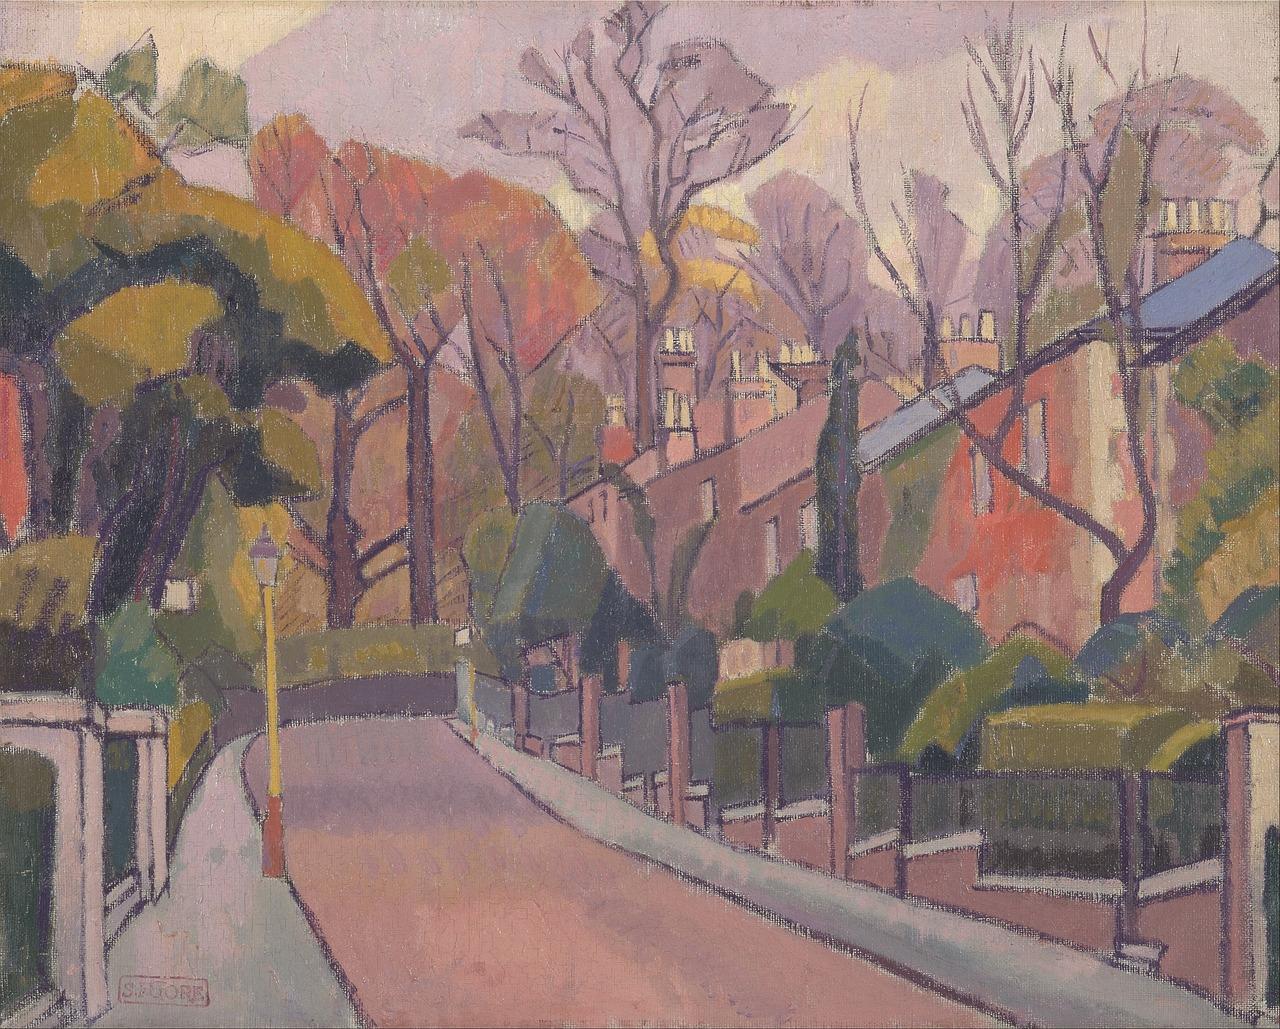 斯潘塞戈尔,艺术,画,布面油画,艺术性,景观,天空,云,树,自然,目睹,国家,农村,景区,街图片